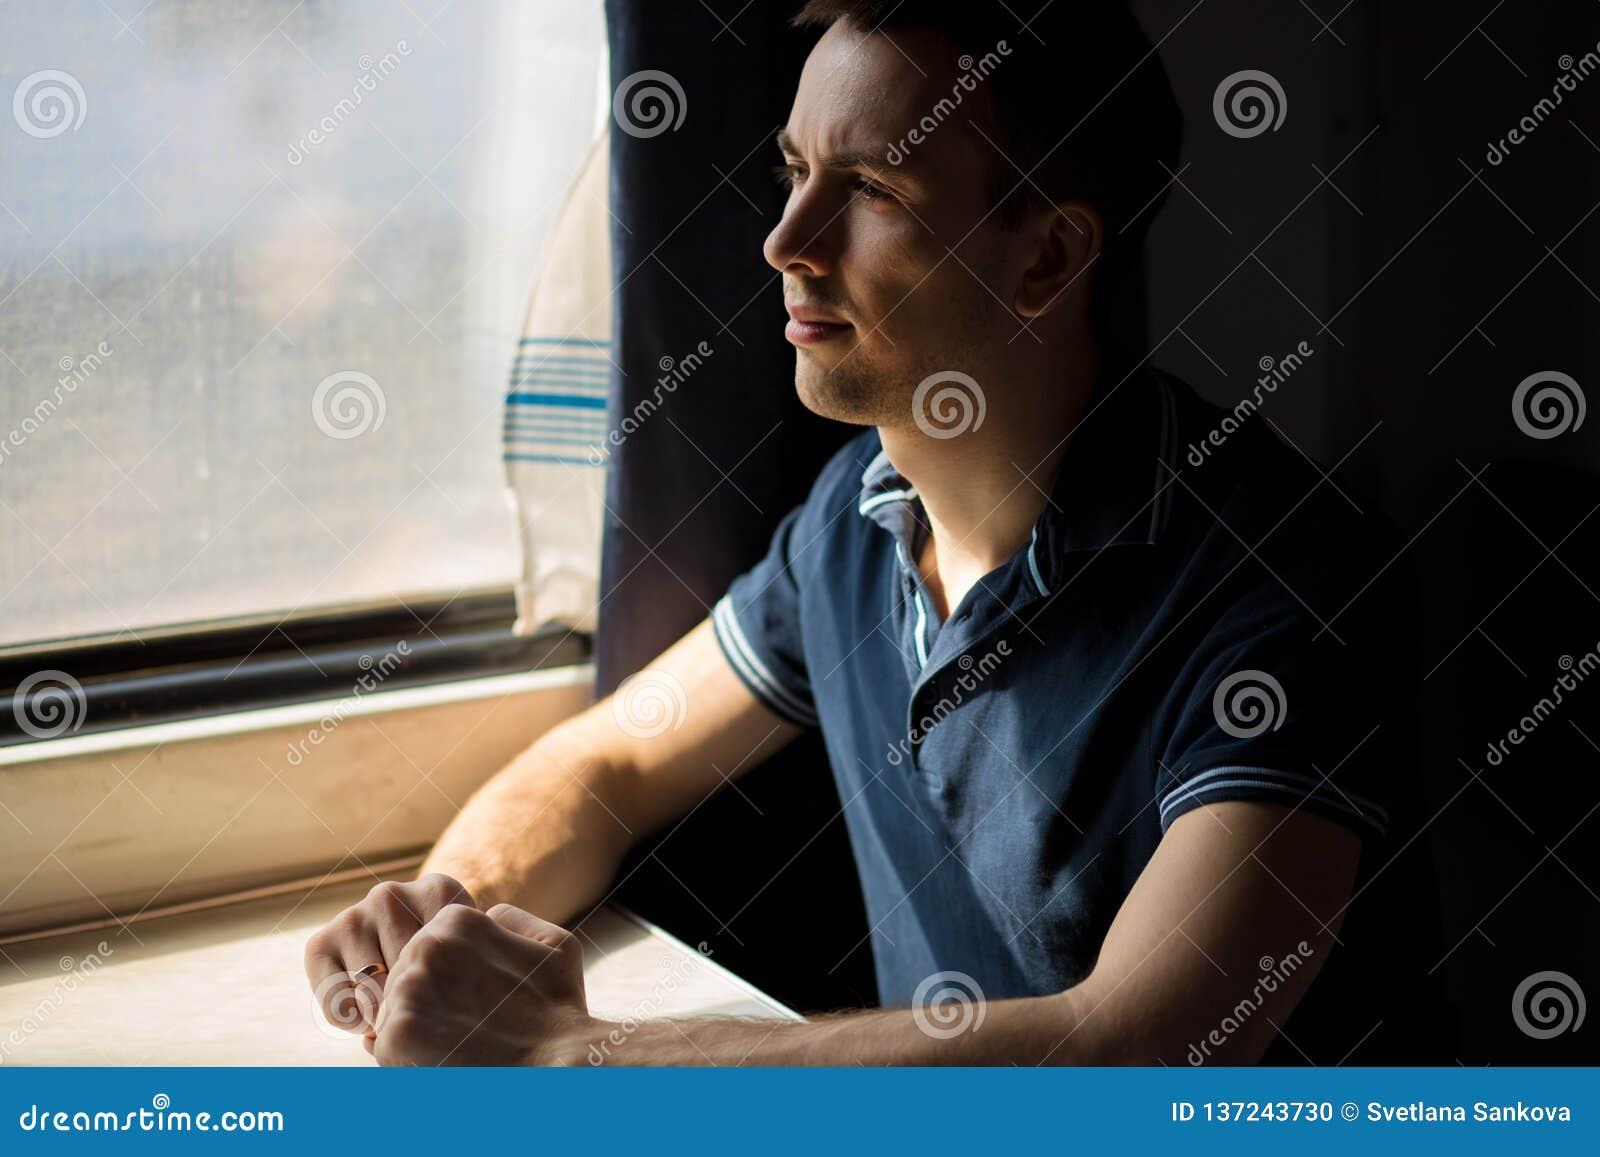 Homem novo que aprecia o curso do trem - deixando seu carro em casa, olha fora da janela, tem o tempo para admirar a paisagem